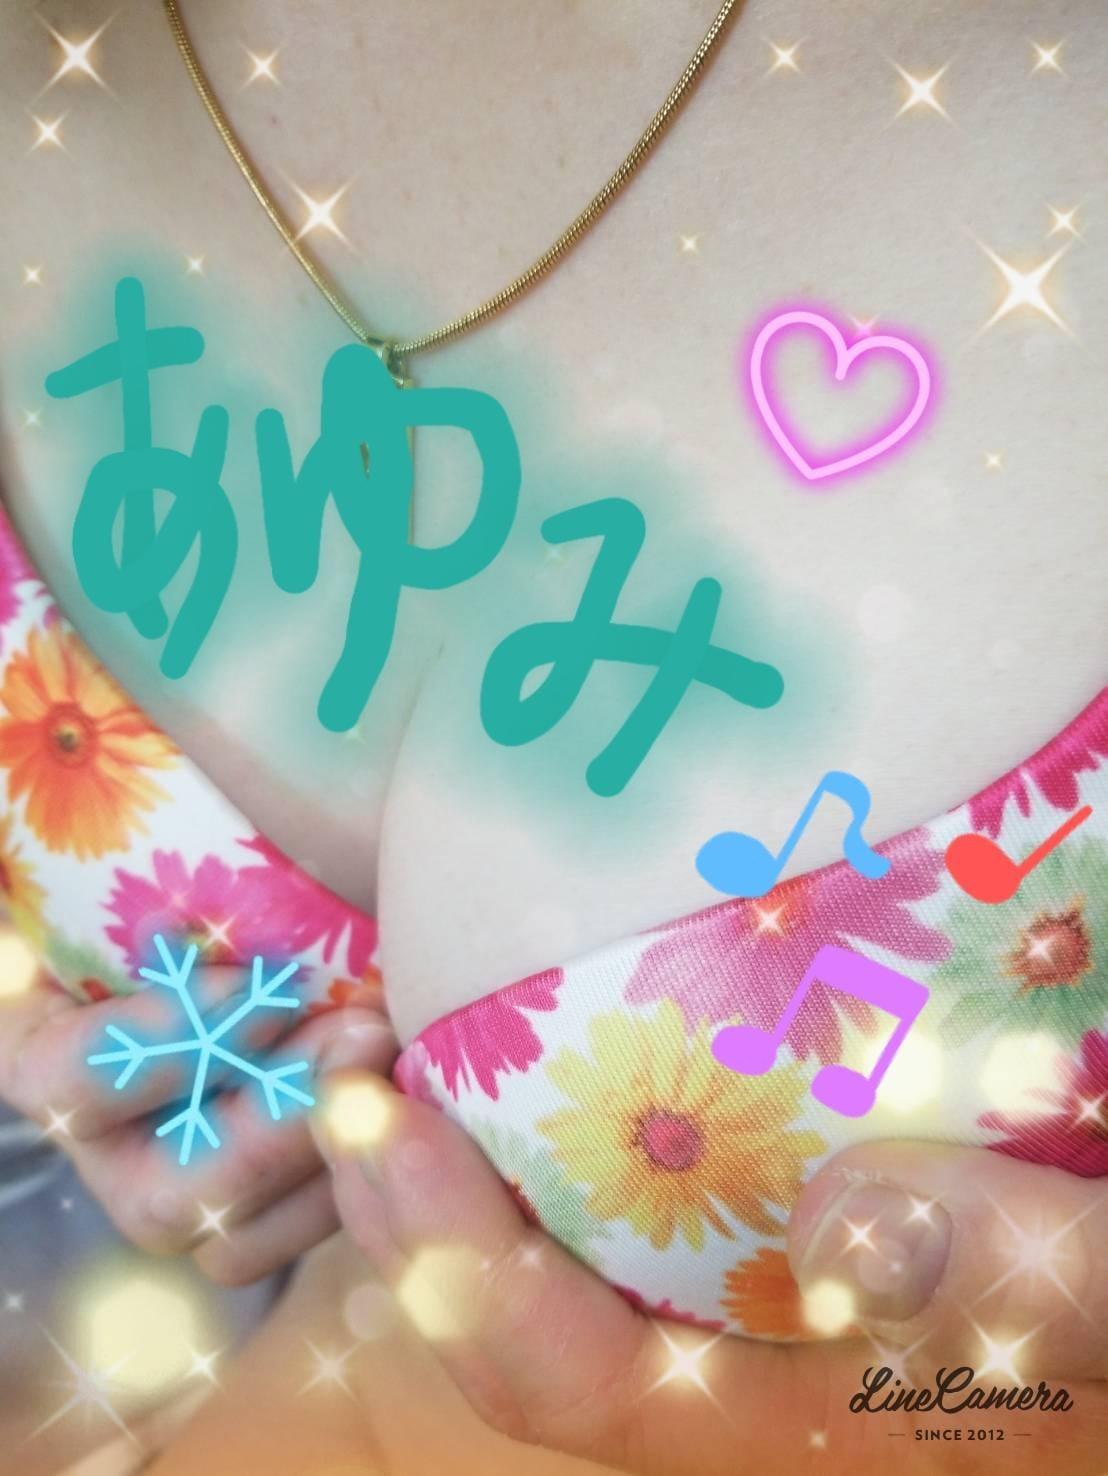 「ありがとう♡」02/23(02/23) 03:25 | あゆみの写メ・風俗動画